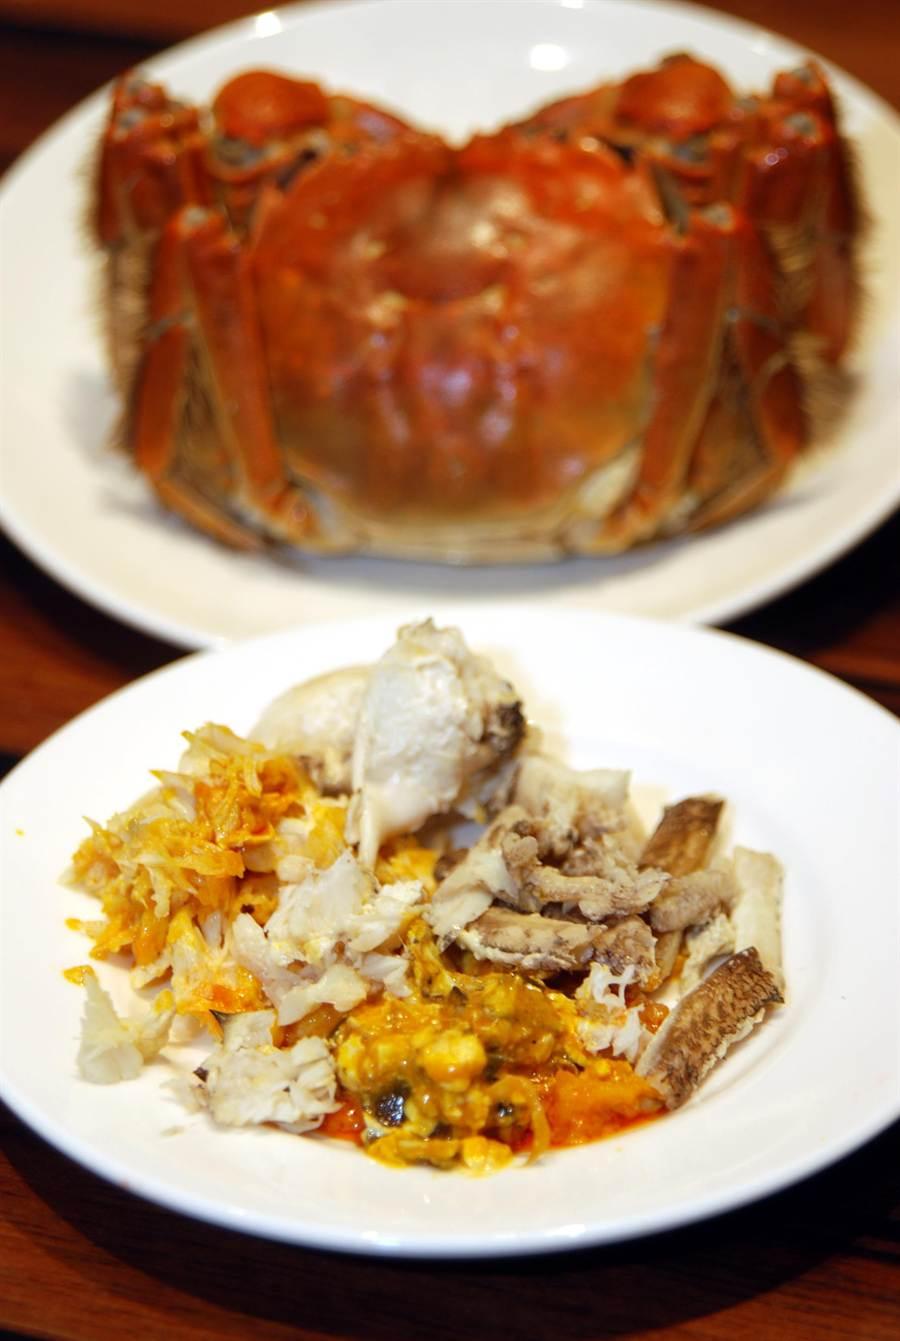 所謂「蟹粉」,是指從螃蟹身上以手工拆出的蟹肉、蟹腳肉與蟹膏和蟹黃炒製後的鮮濃佐料。一個有經驗的師傅拆一隻蟹,也得花上6、7分鐘。(圖/姚舜攝)